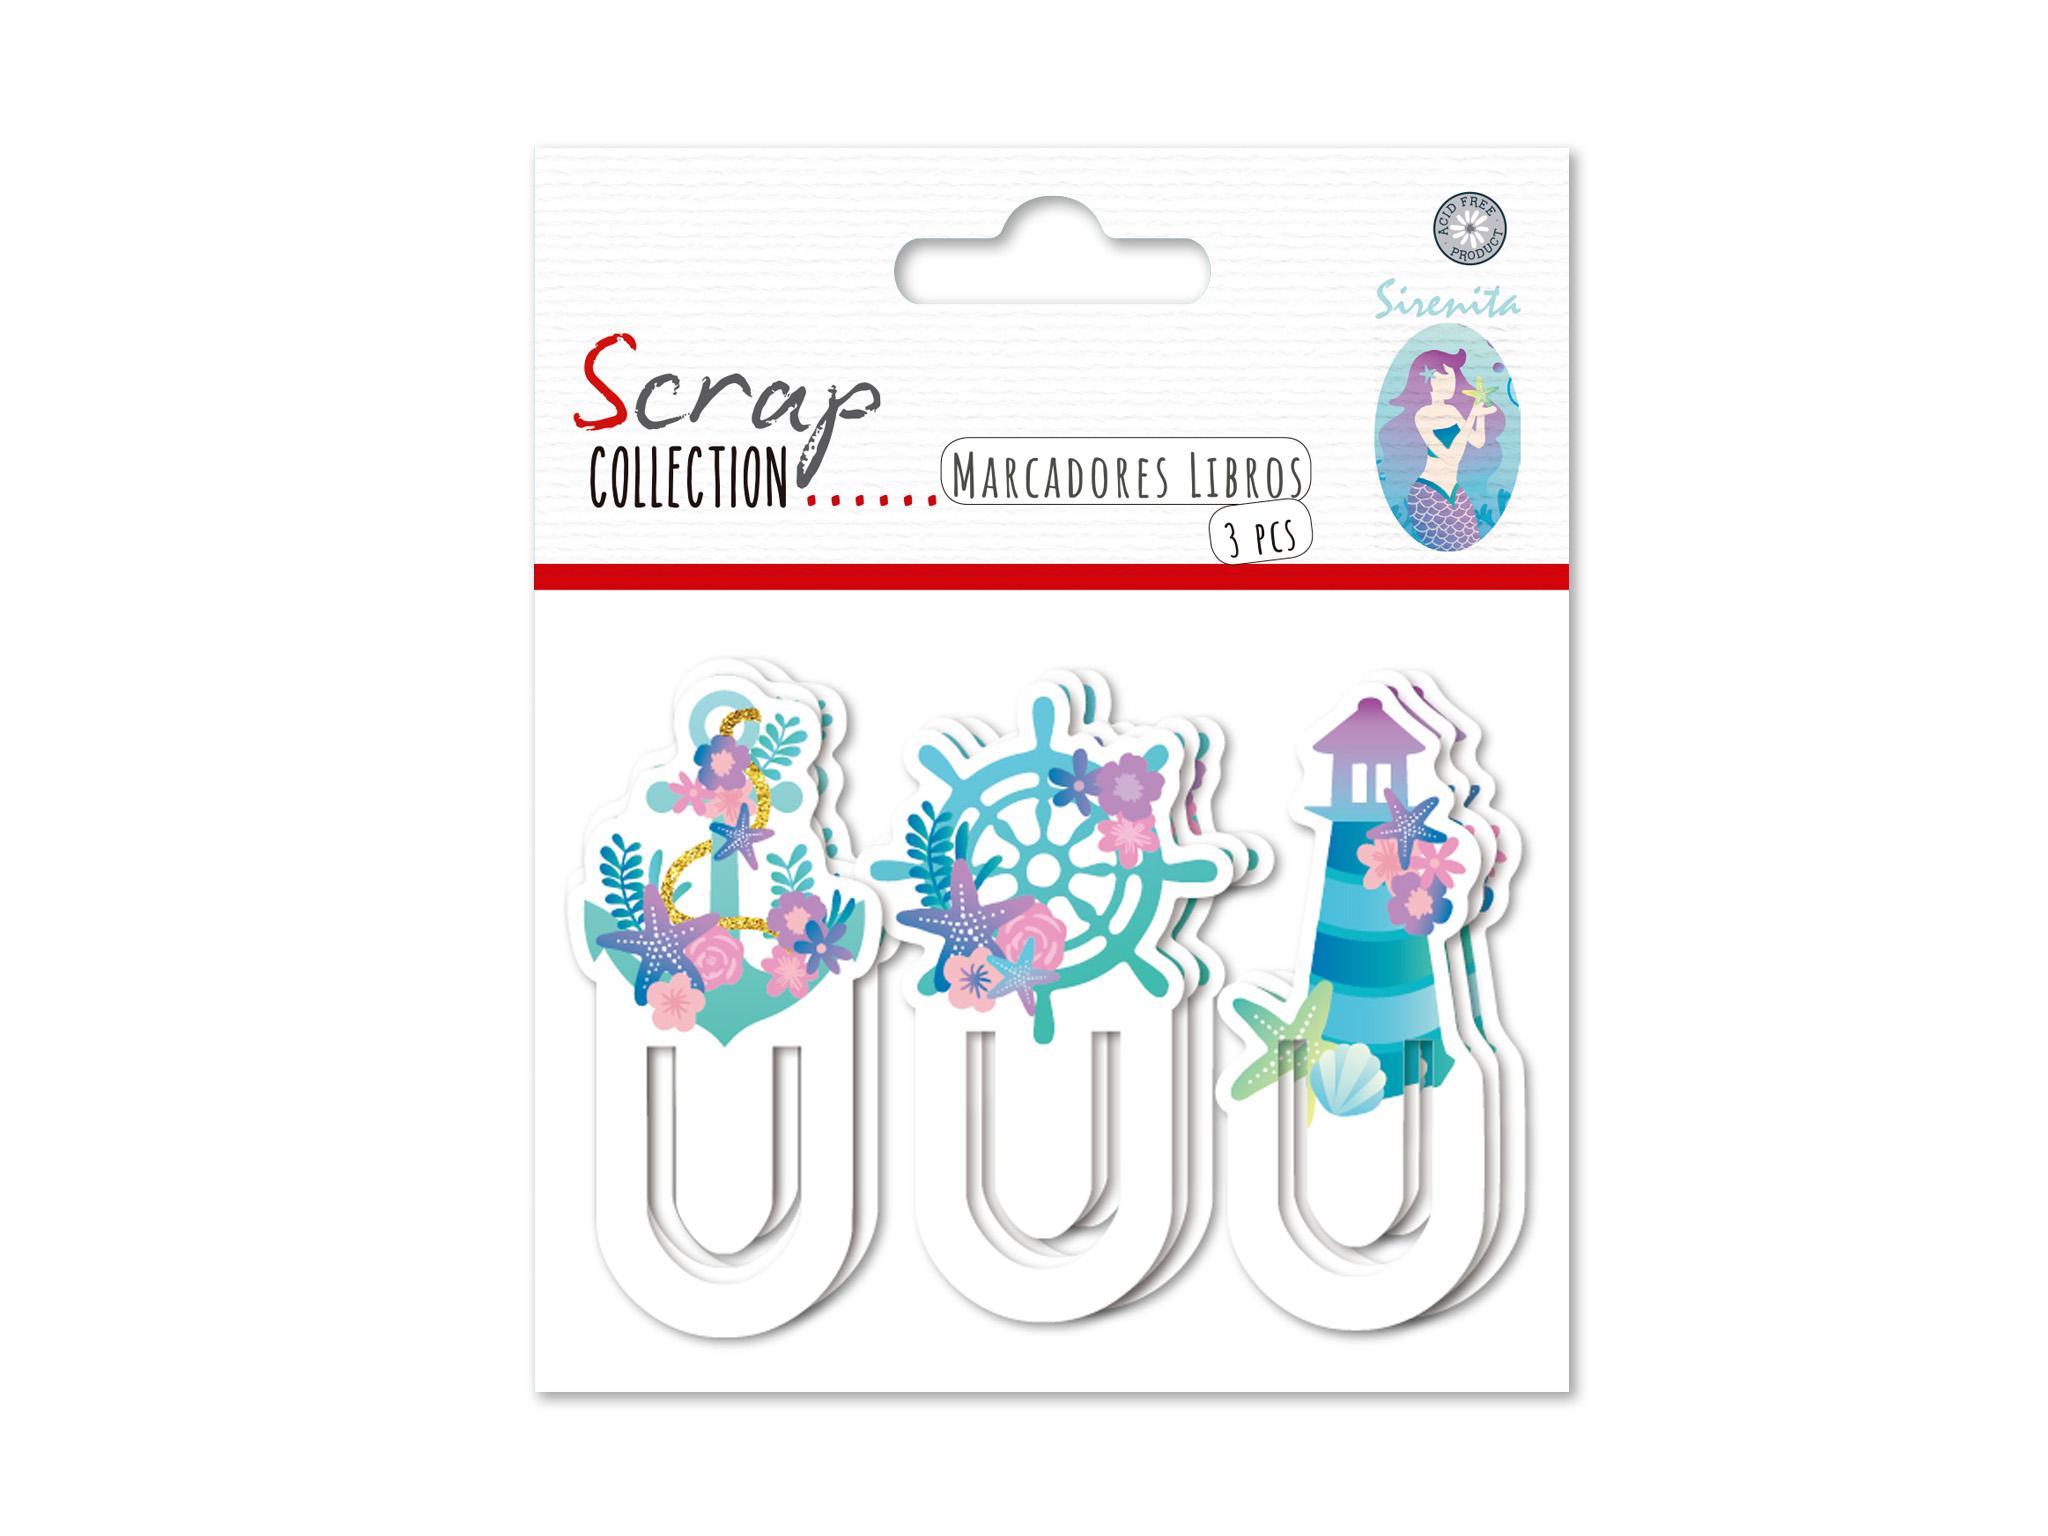 SCRAP-COLLECTION-MARCADORES-LIBRO-SIRENITA